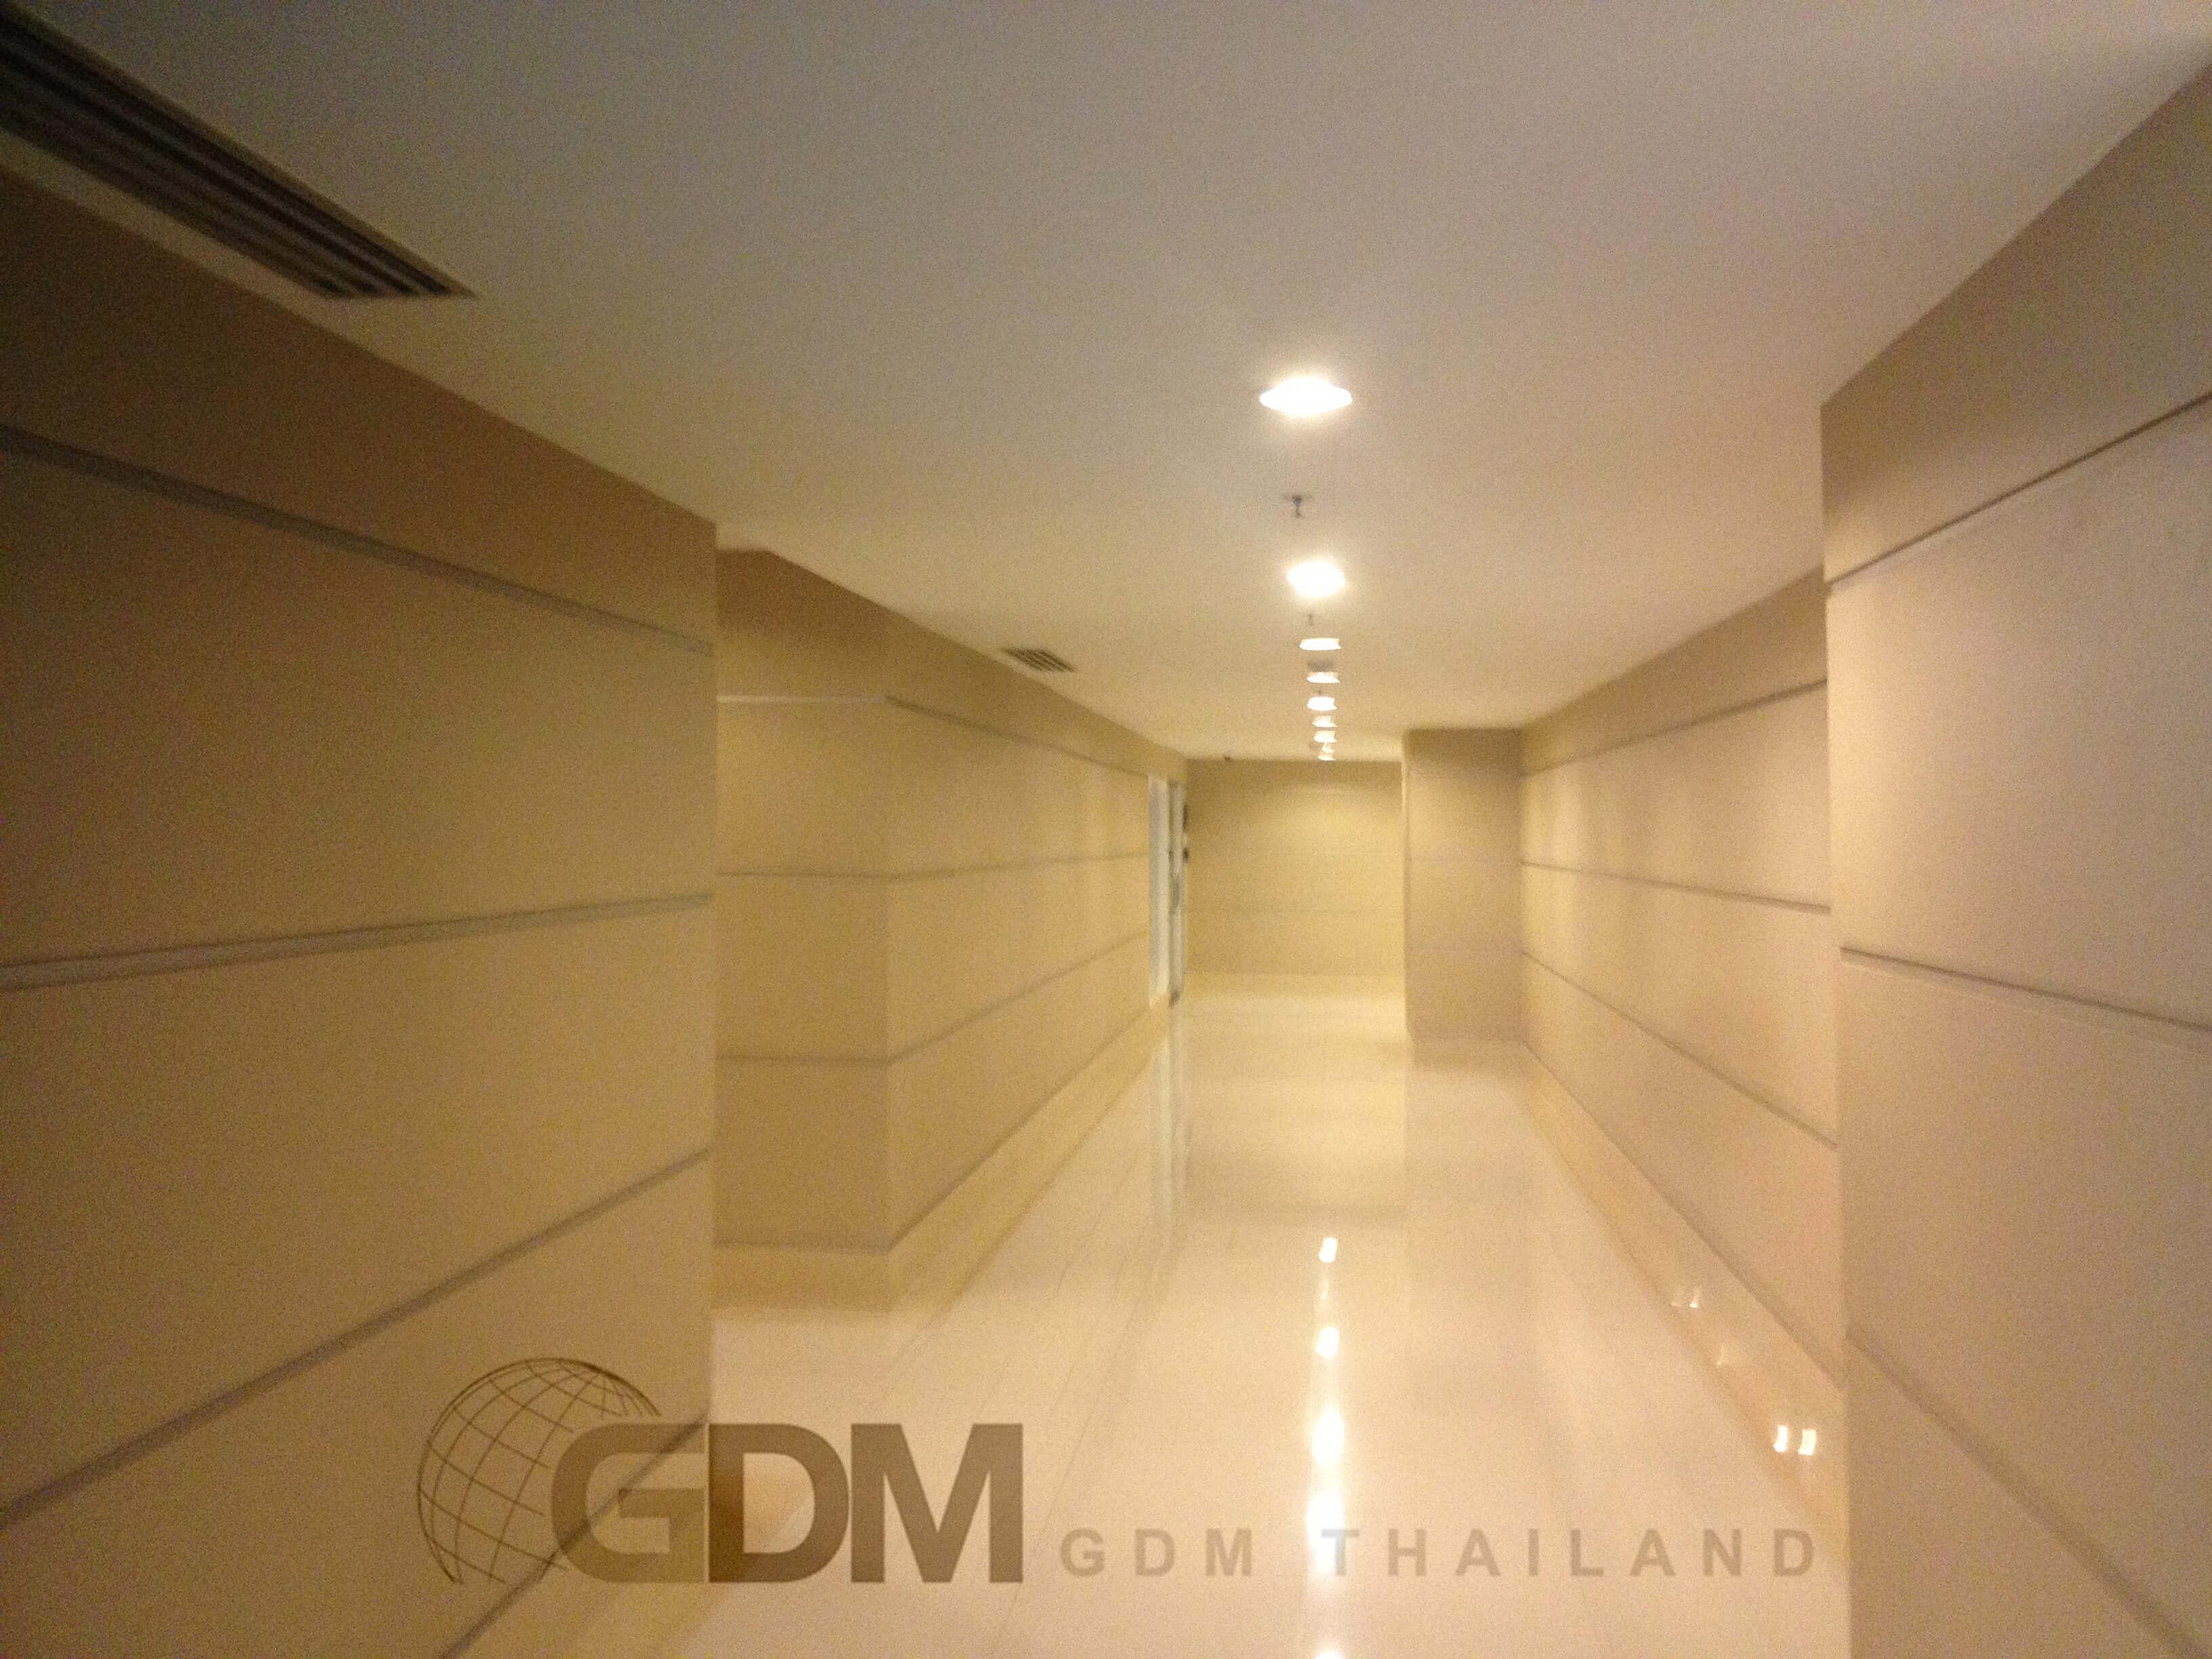 二人が並んであるける広さの廊下